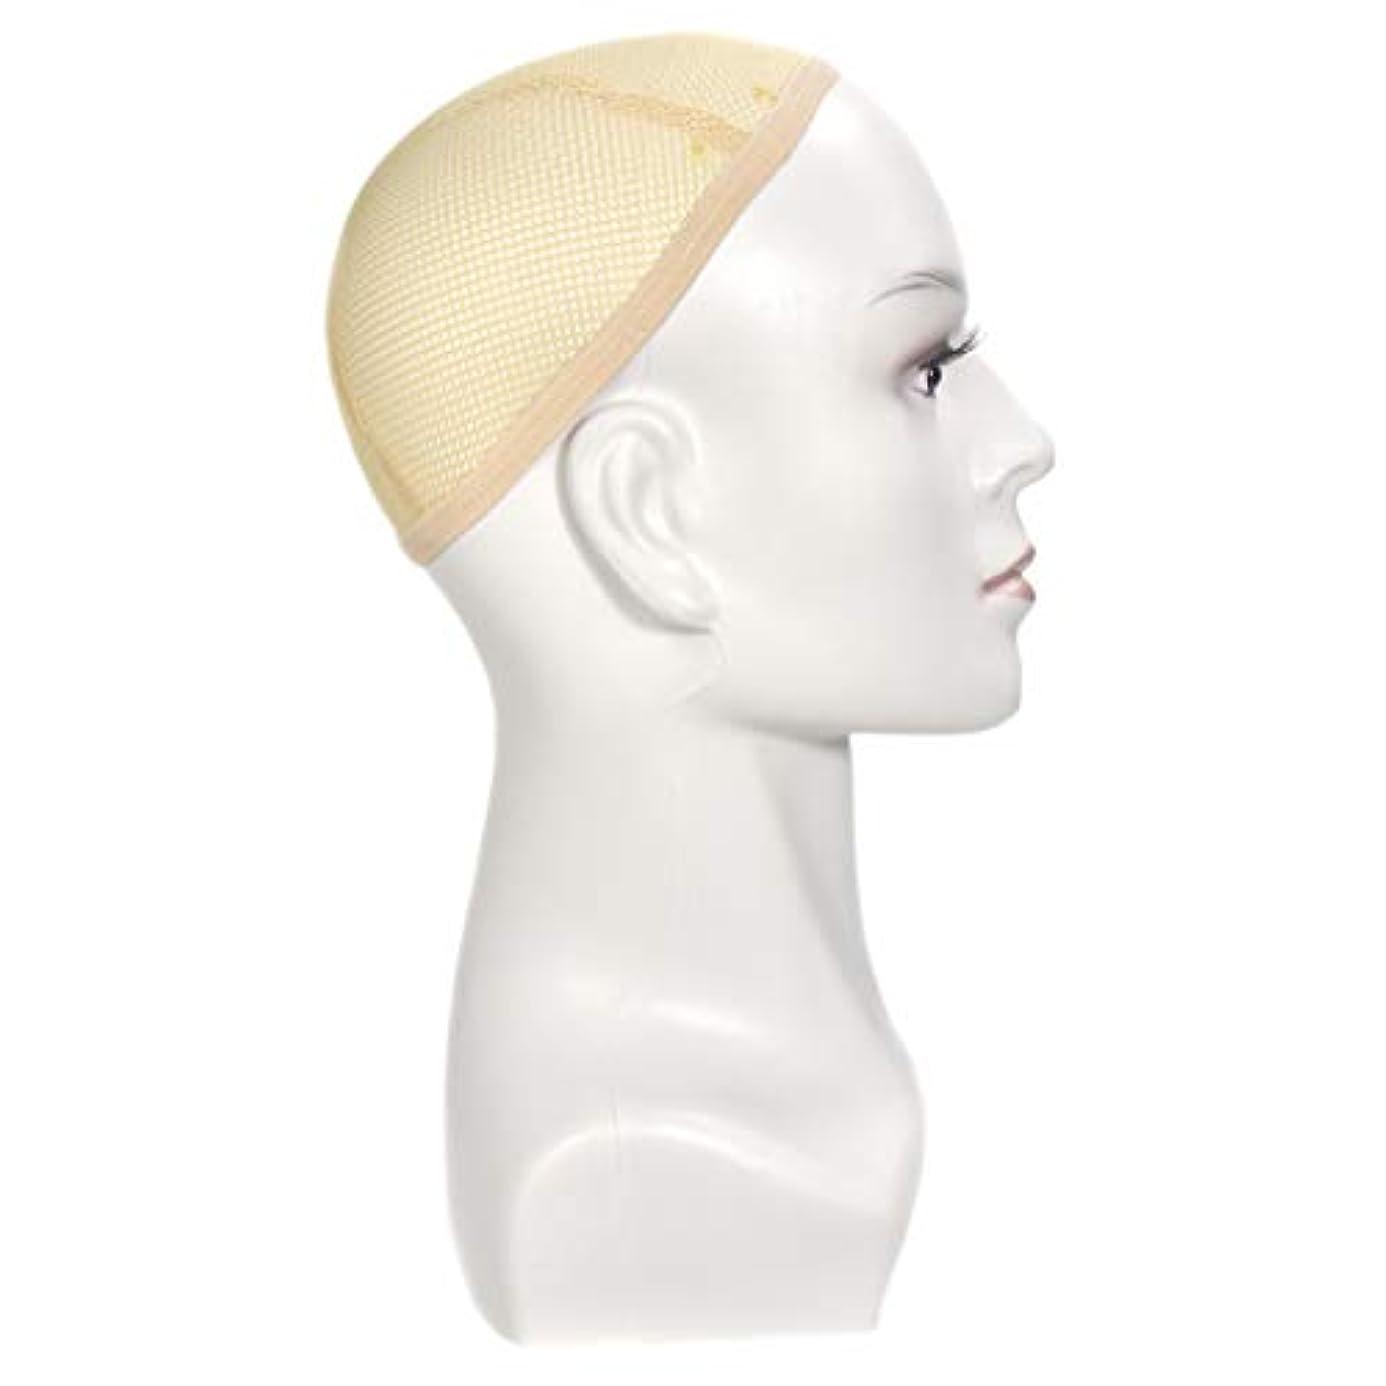 とげ要塞置換マネキンヘッド 肌色 メイク メイクトレーニング 頭部モデル ディスプレイ ホルダー 全2色 - 白